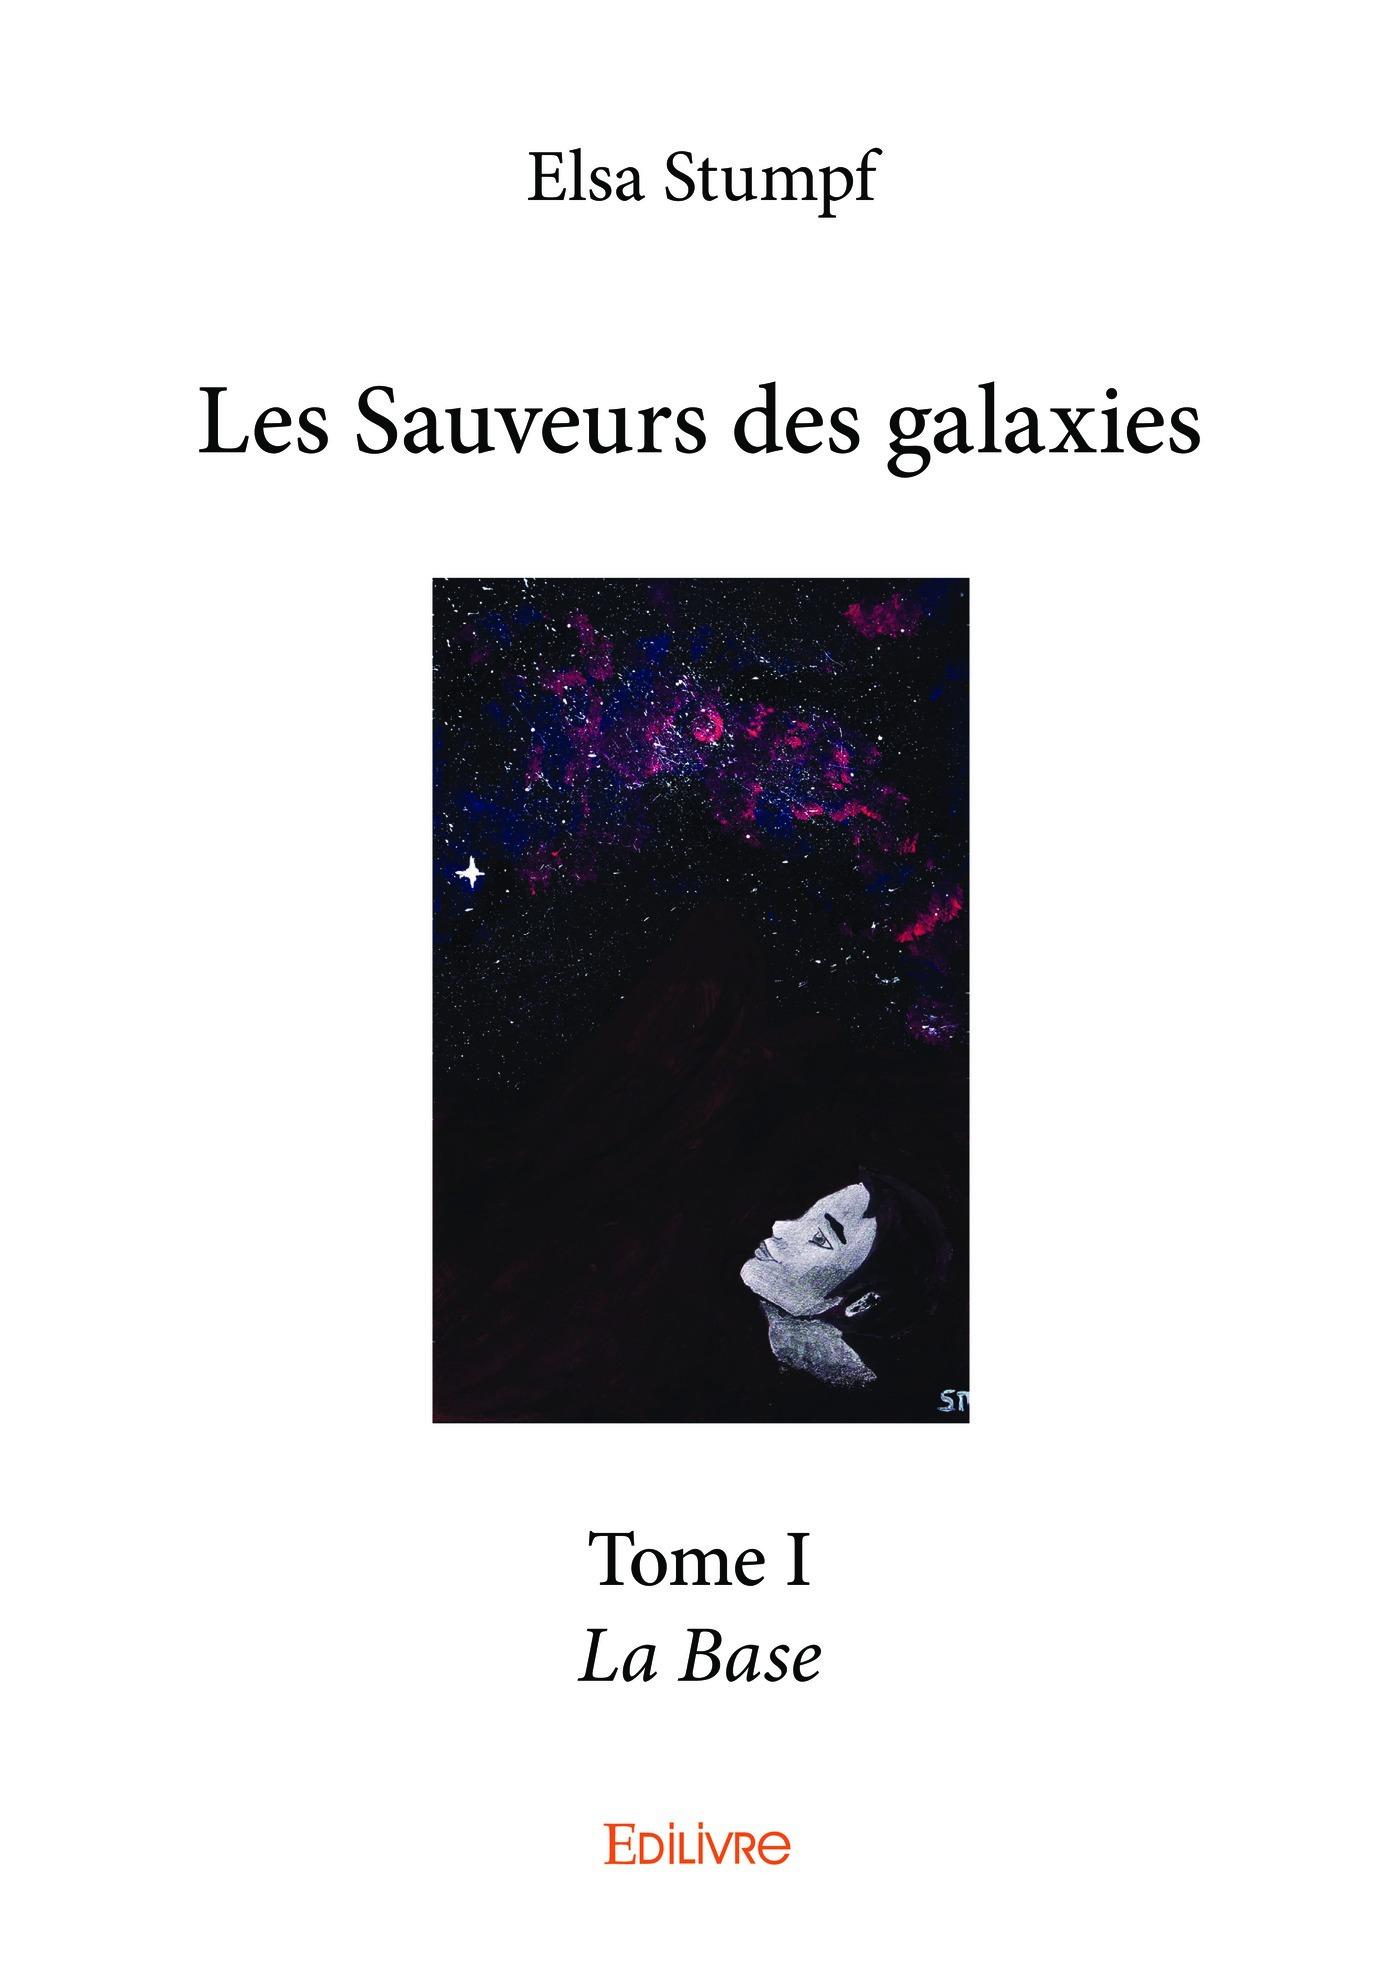 Les Sauveurs des galaxies - Tome I